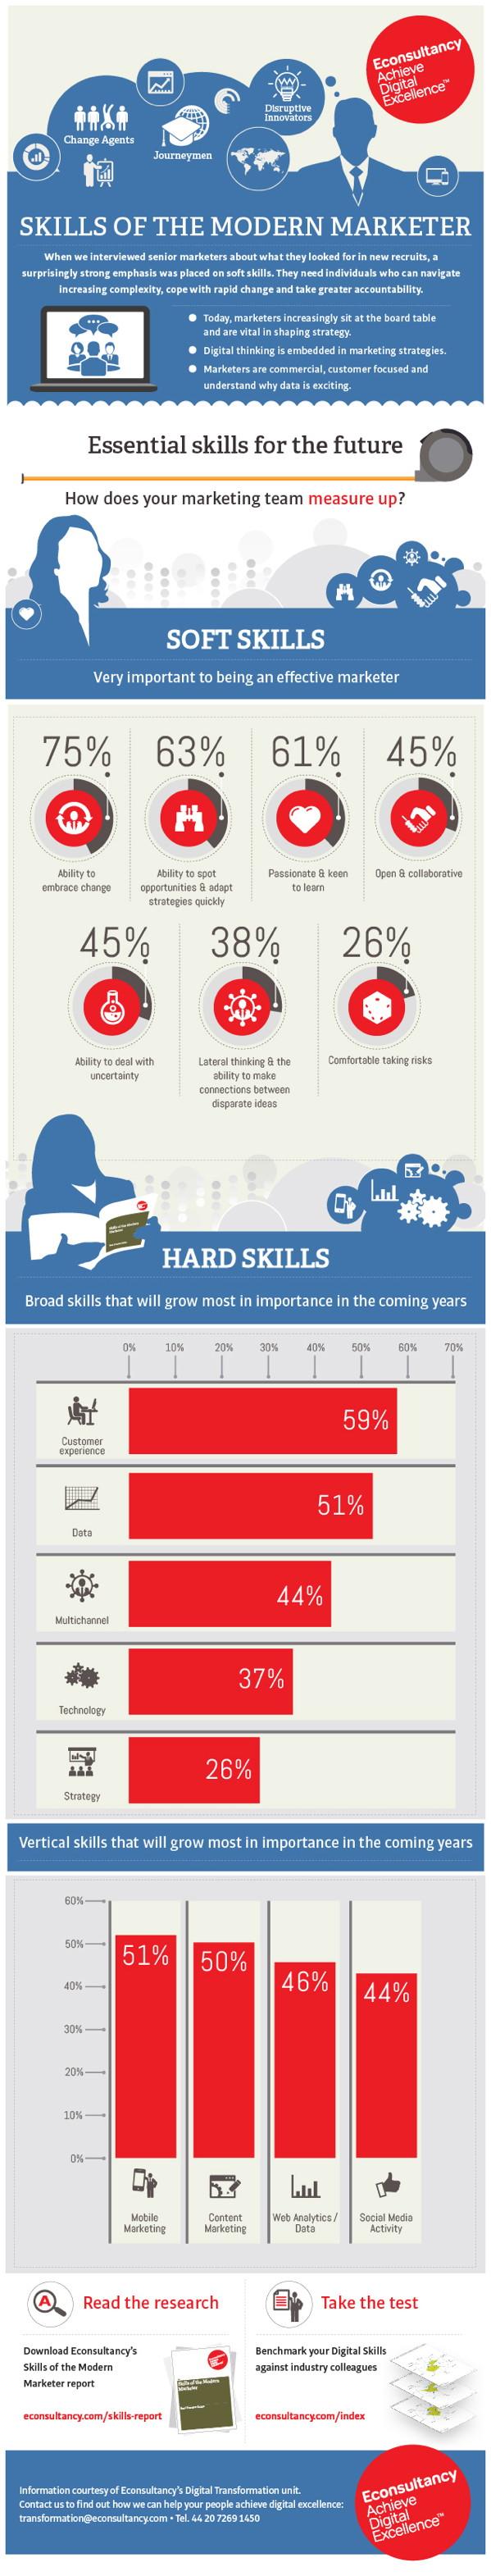 eMarketer Essential Skills Modern Marketer Infographic